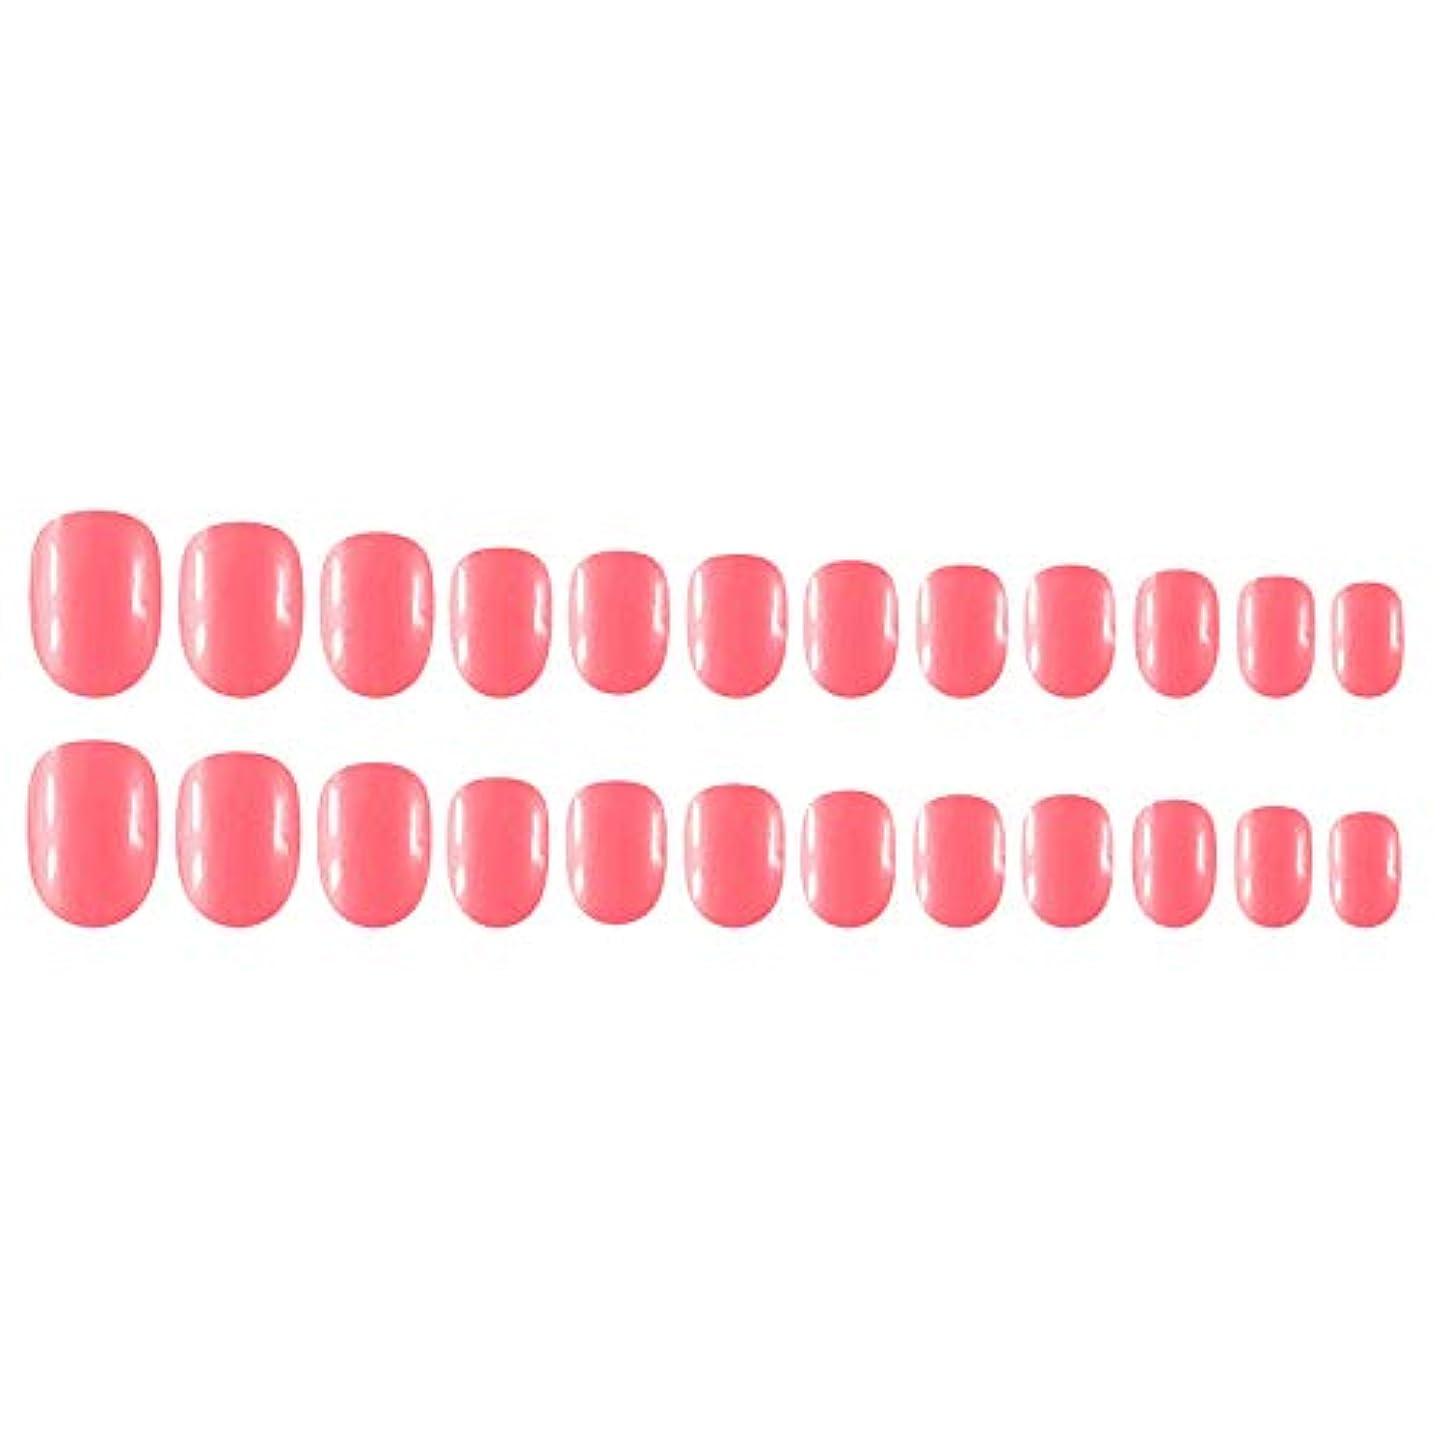 ベリーベリーシンプルさDecdeal Decdeal ネイルチップ 24ピース 12異なるサイズ diy サロン ネイルアートツール 偽